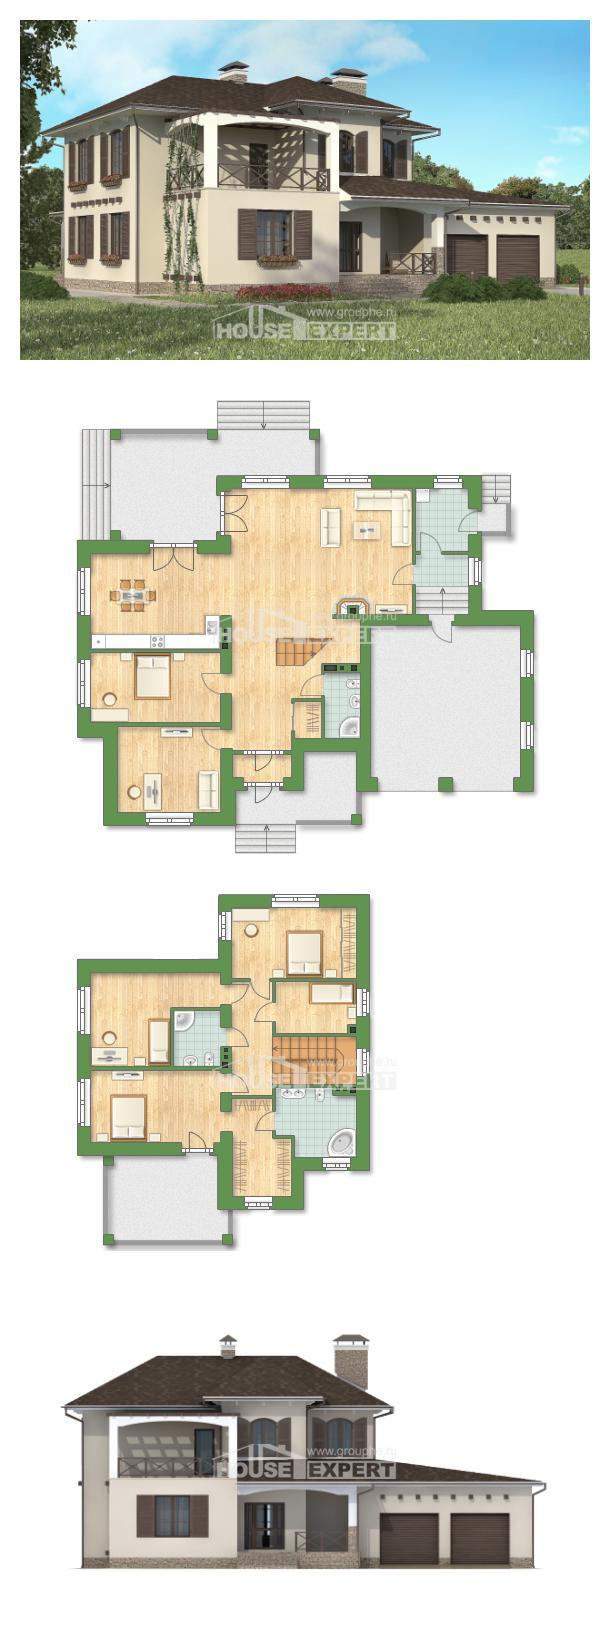 Проект дома 285-002-П | House Expert